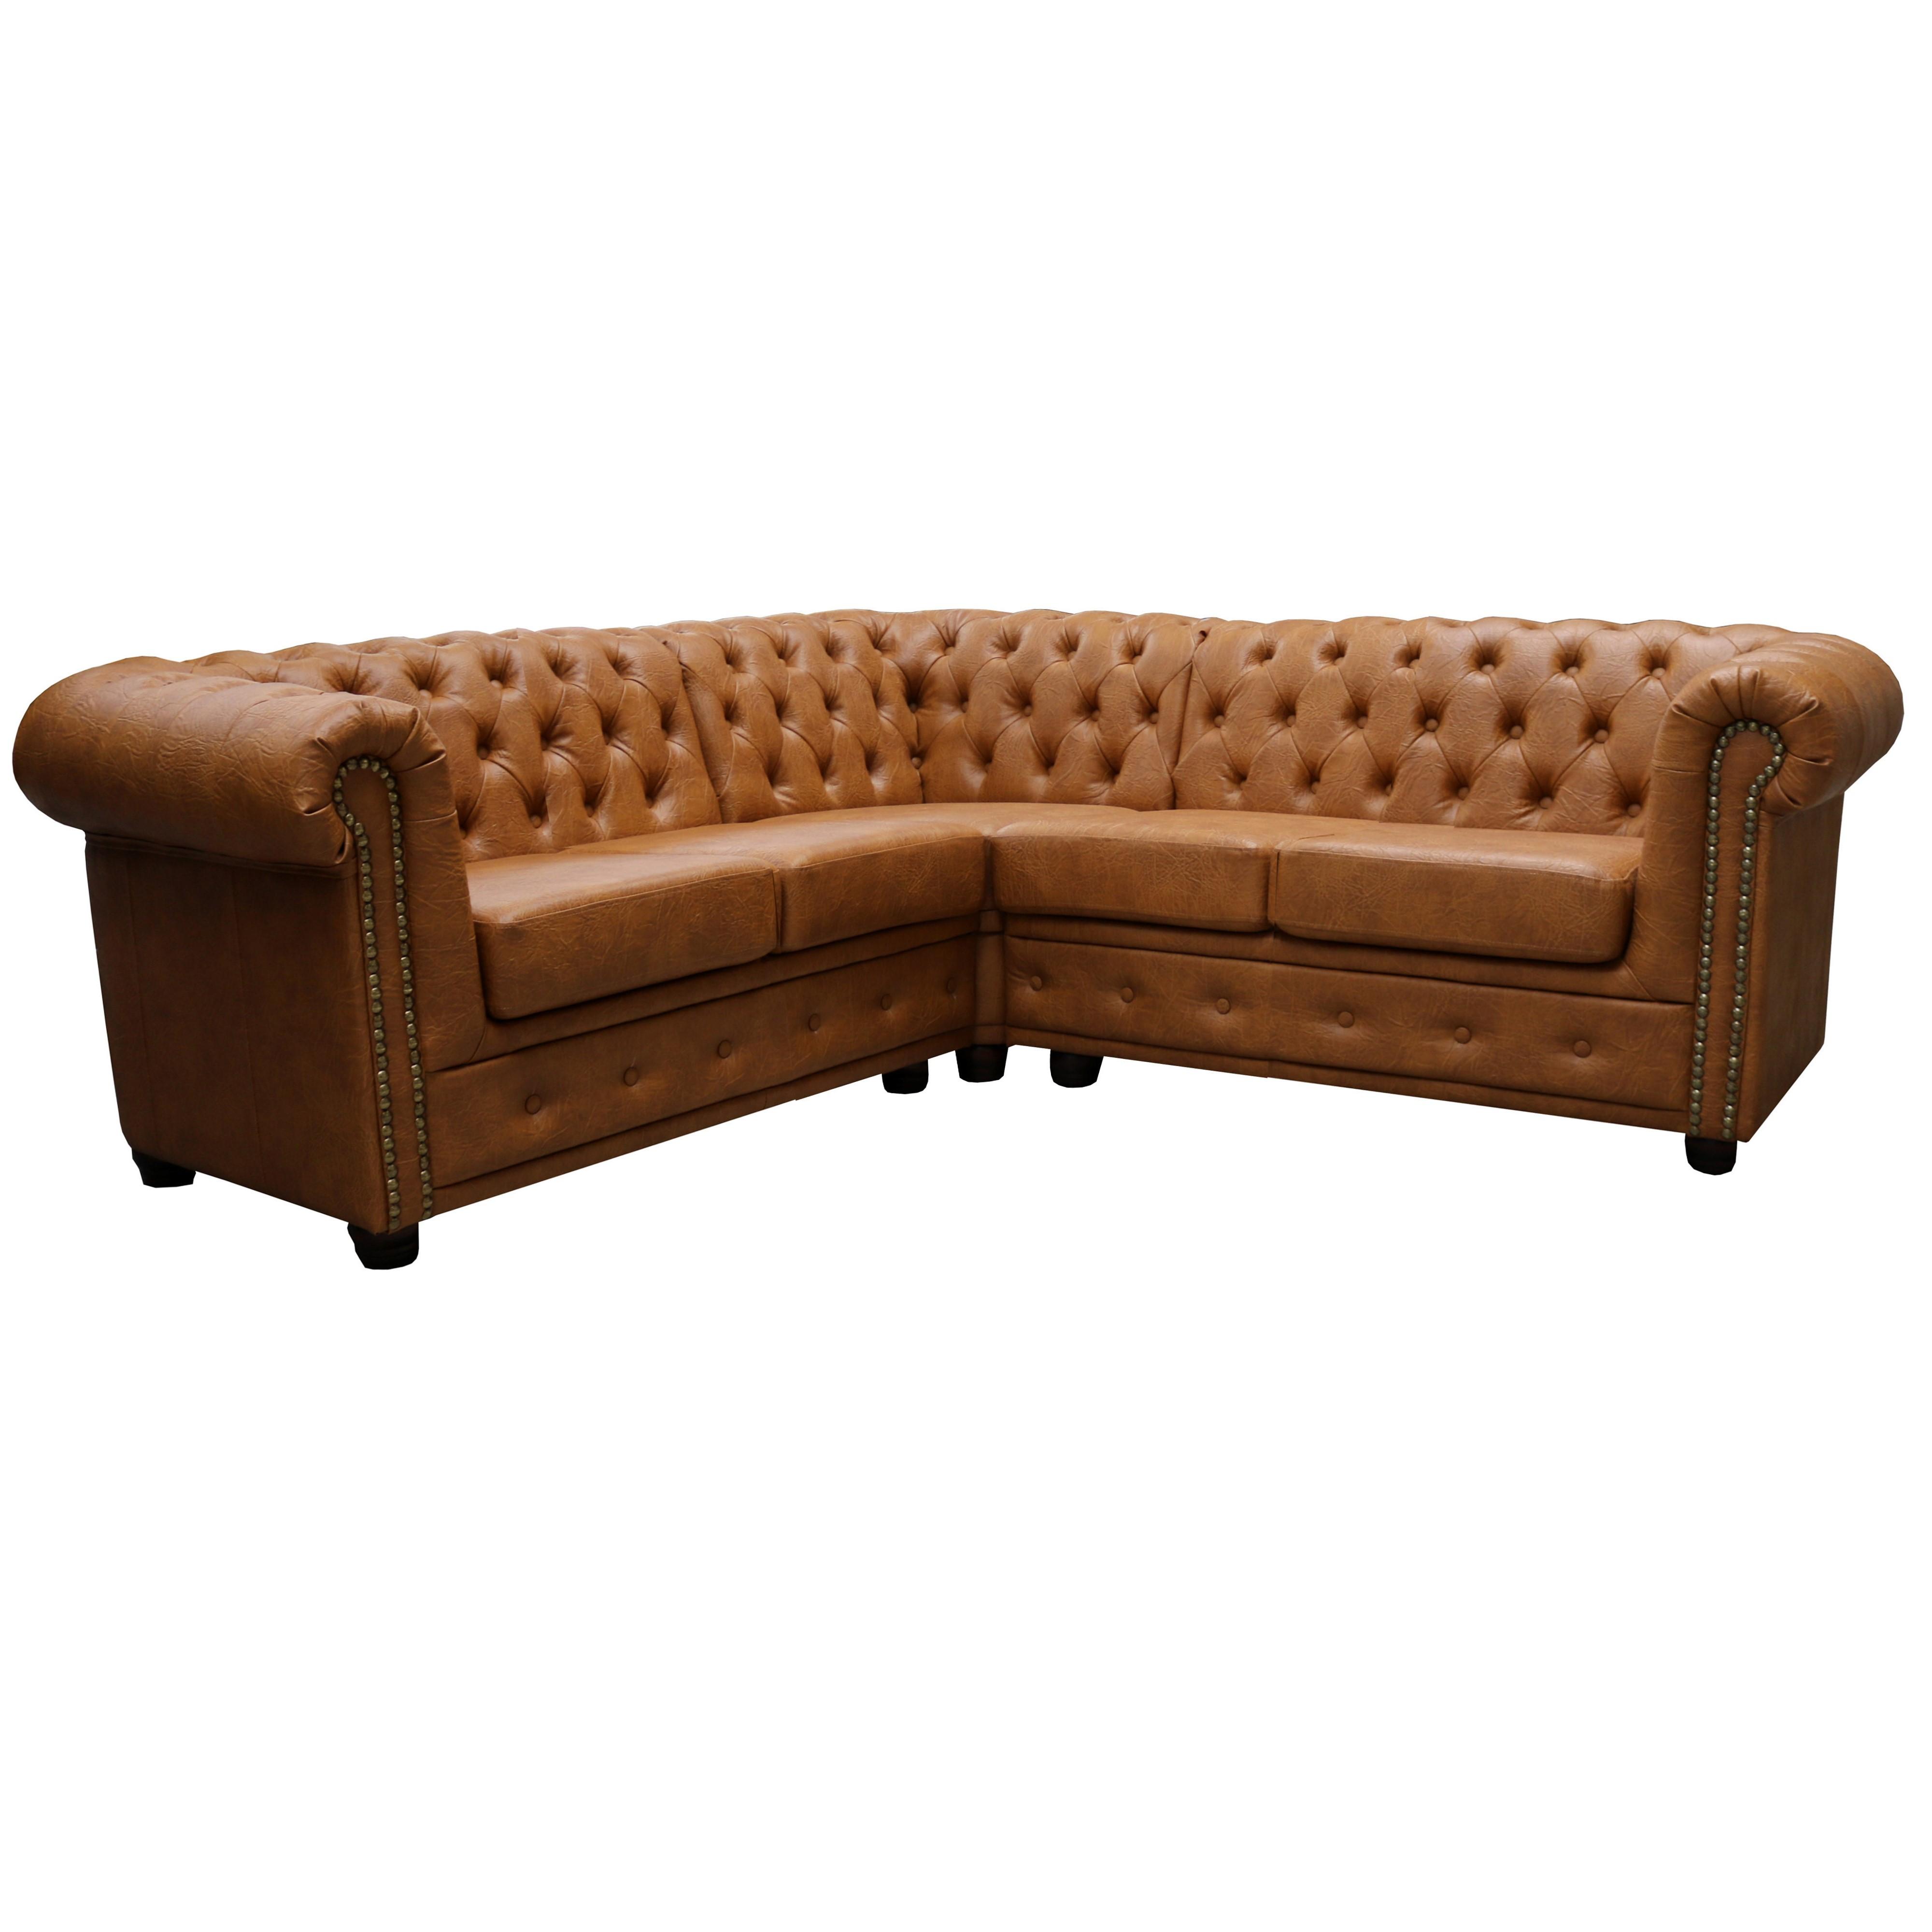 2-Sitzer mit Armlehne links | Ecke | 2-Sitzer mit Armlehne rechts (213 x 213 cm)